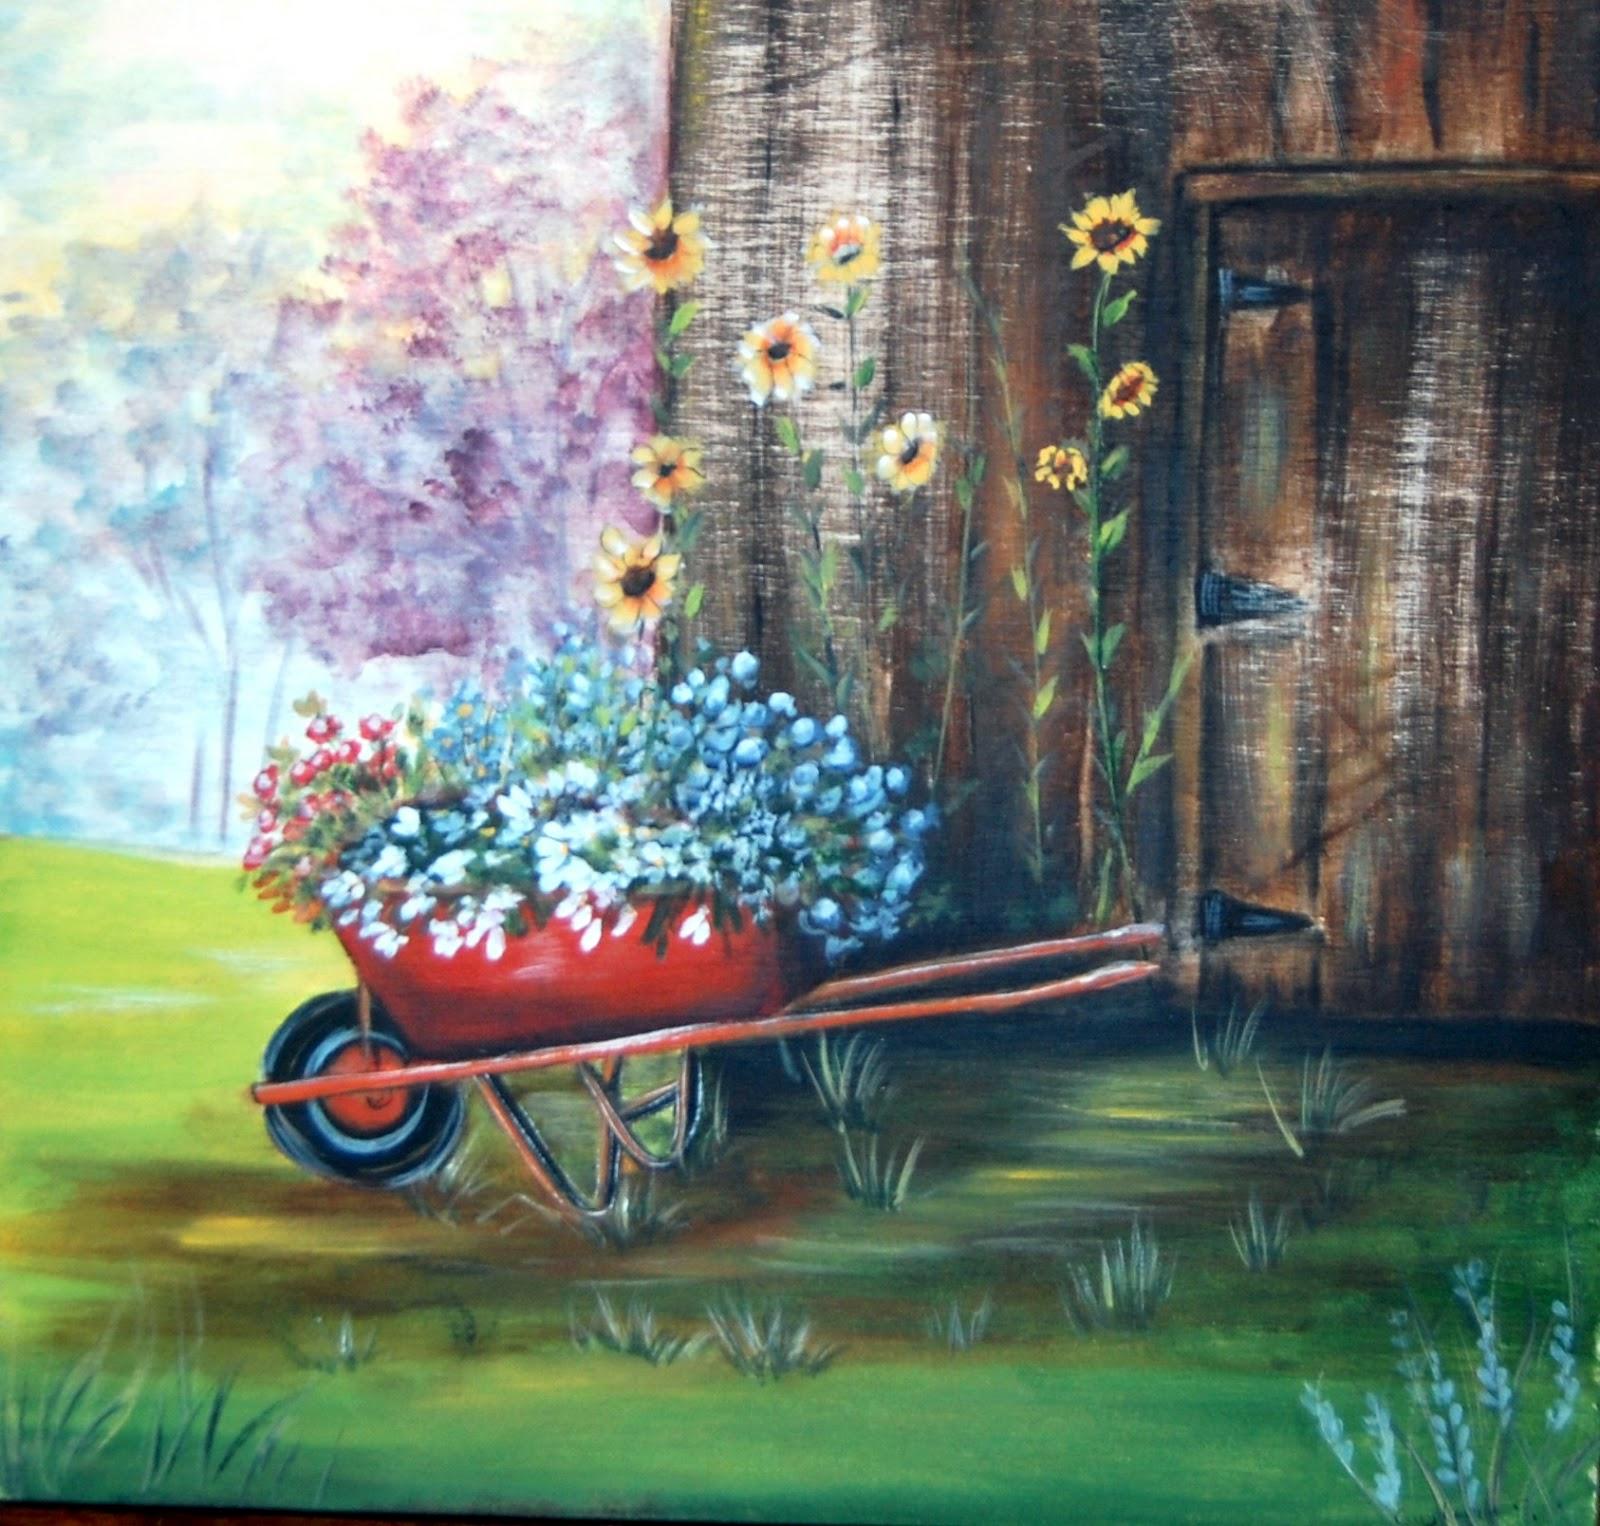 Les bidouilles blog de peinture d corative un aper u - Peinture d accroche pour bois ...